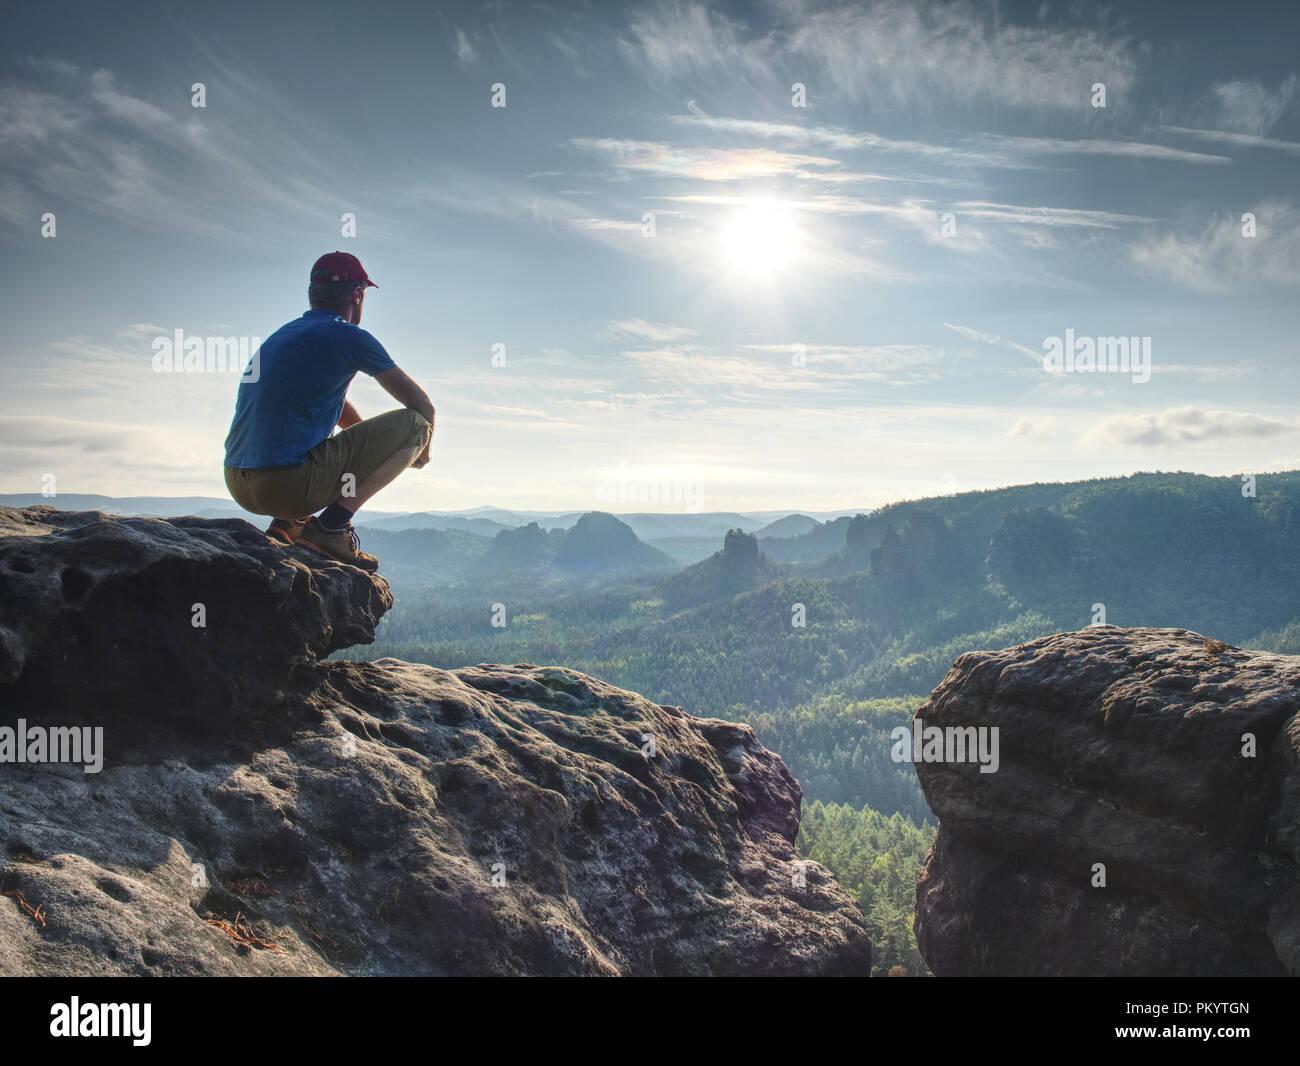 À l'observation des randonneur horizon. Beau moment le miracle de la nature. Brouillard coloré dans la vallée. Homme randonnée. Photo Stock